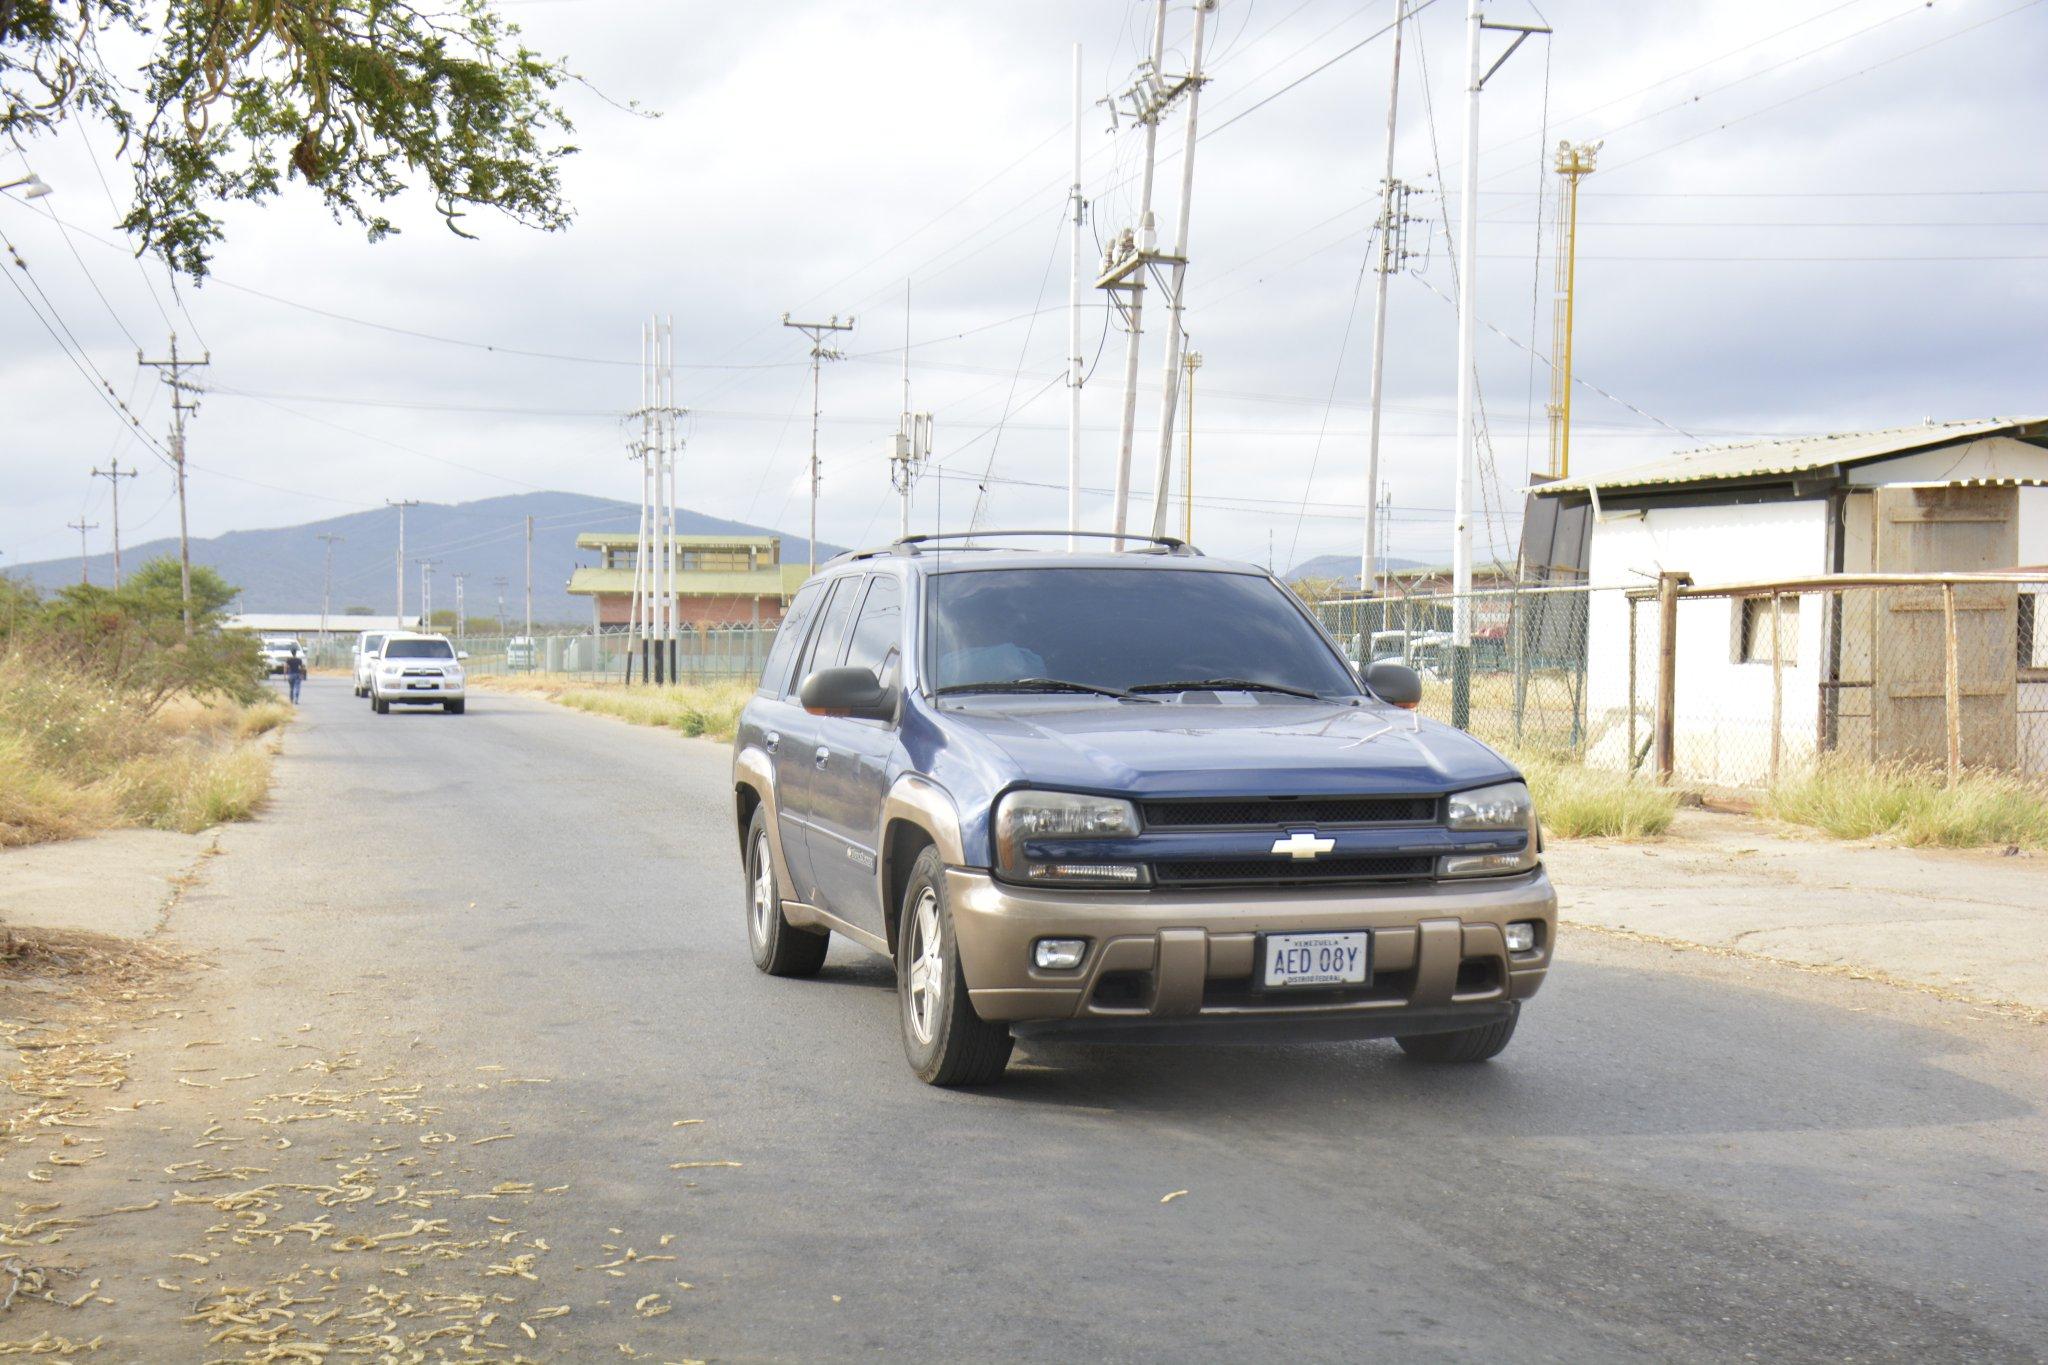 Lara: Visita de la ONU a cárcel de Uribana no logra ver total de privados enfermos